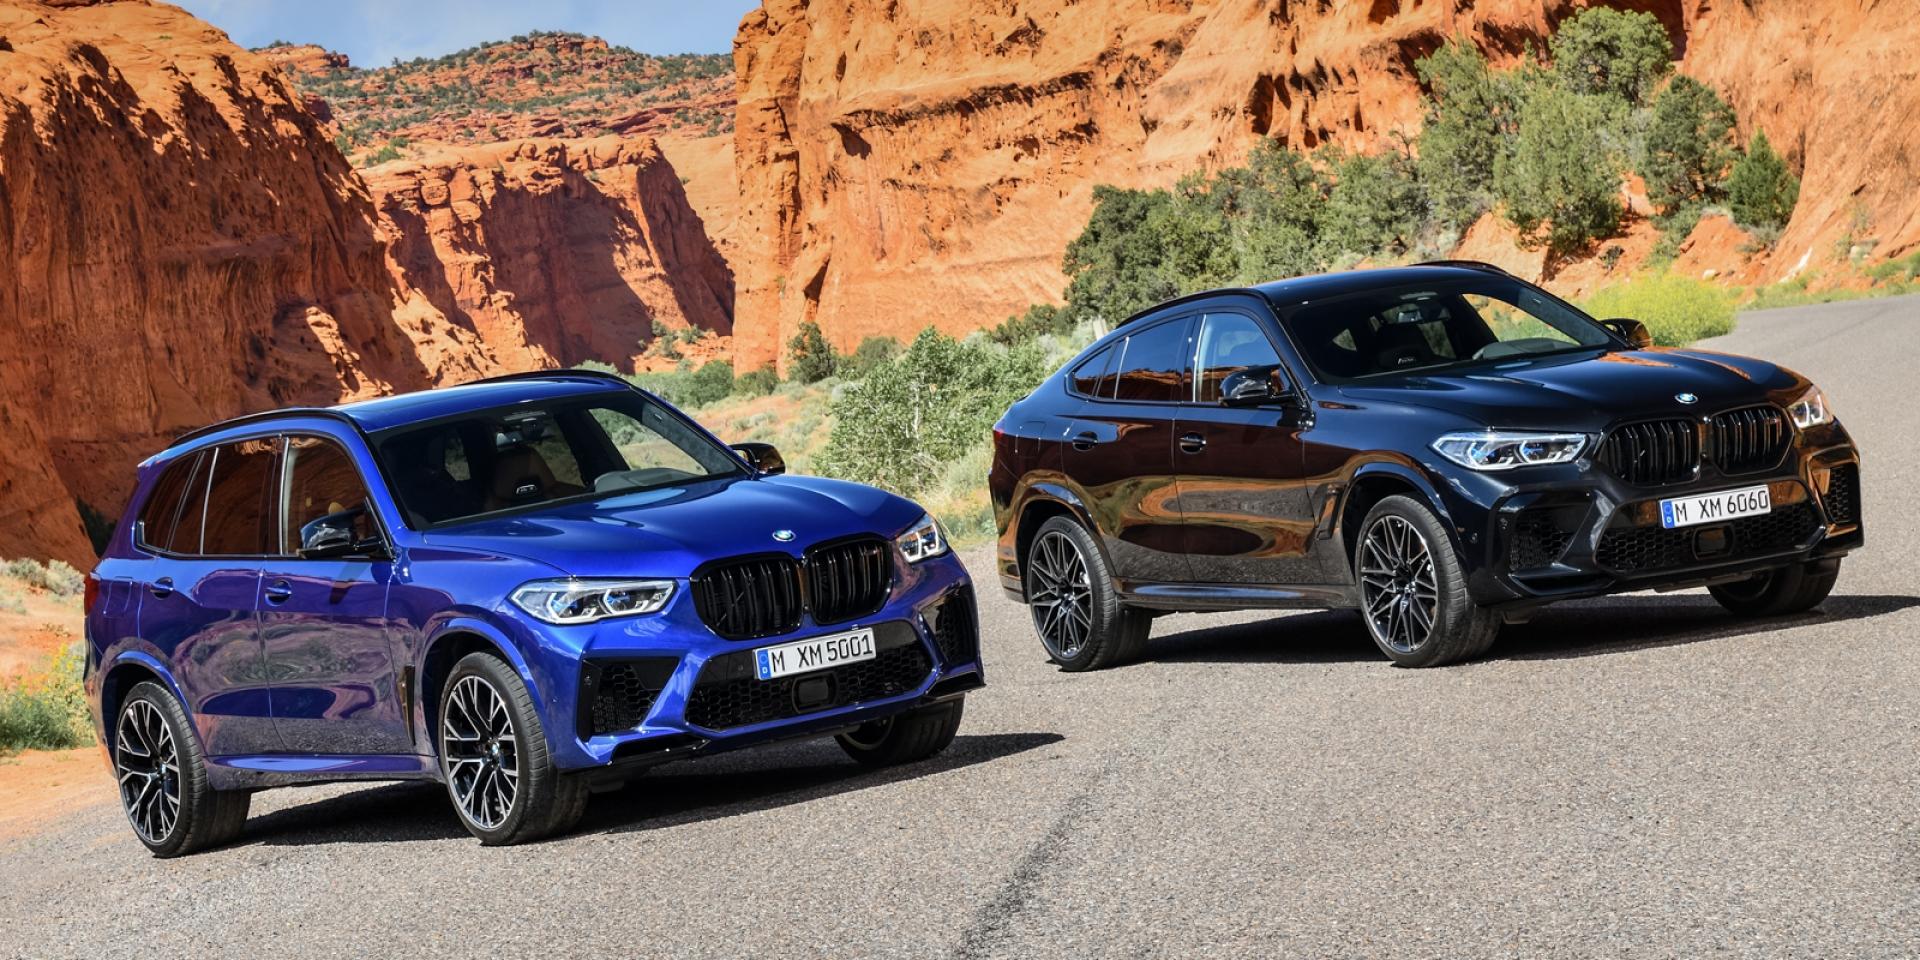 BMW X5 M、X6 M台灣接單價688萬元起,性能 空間皆備的暴力SUV